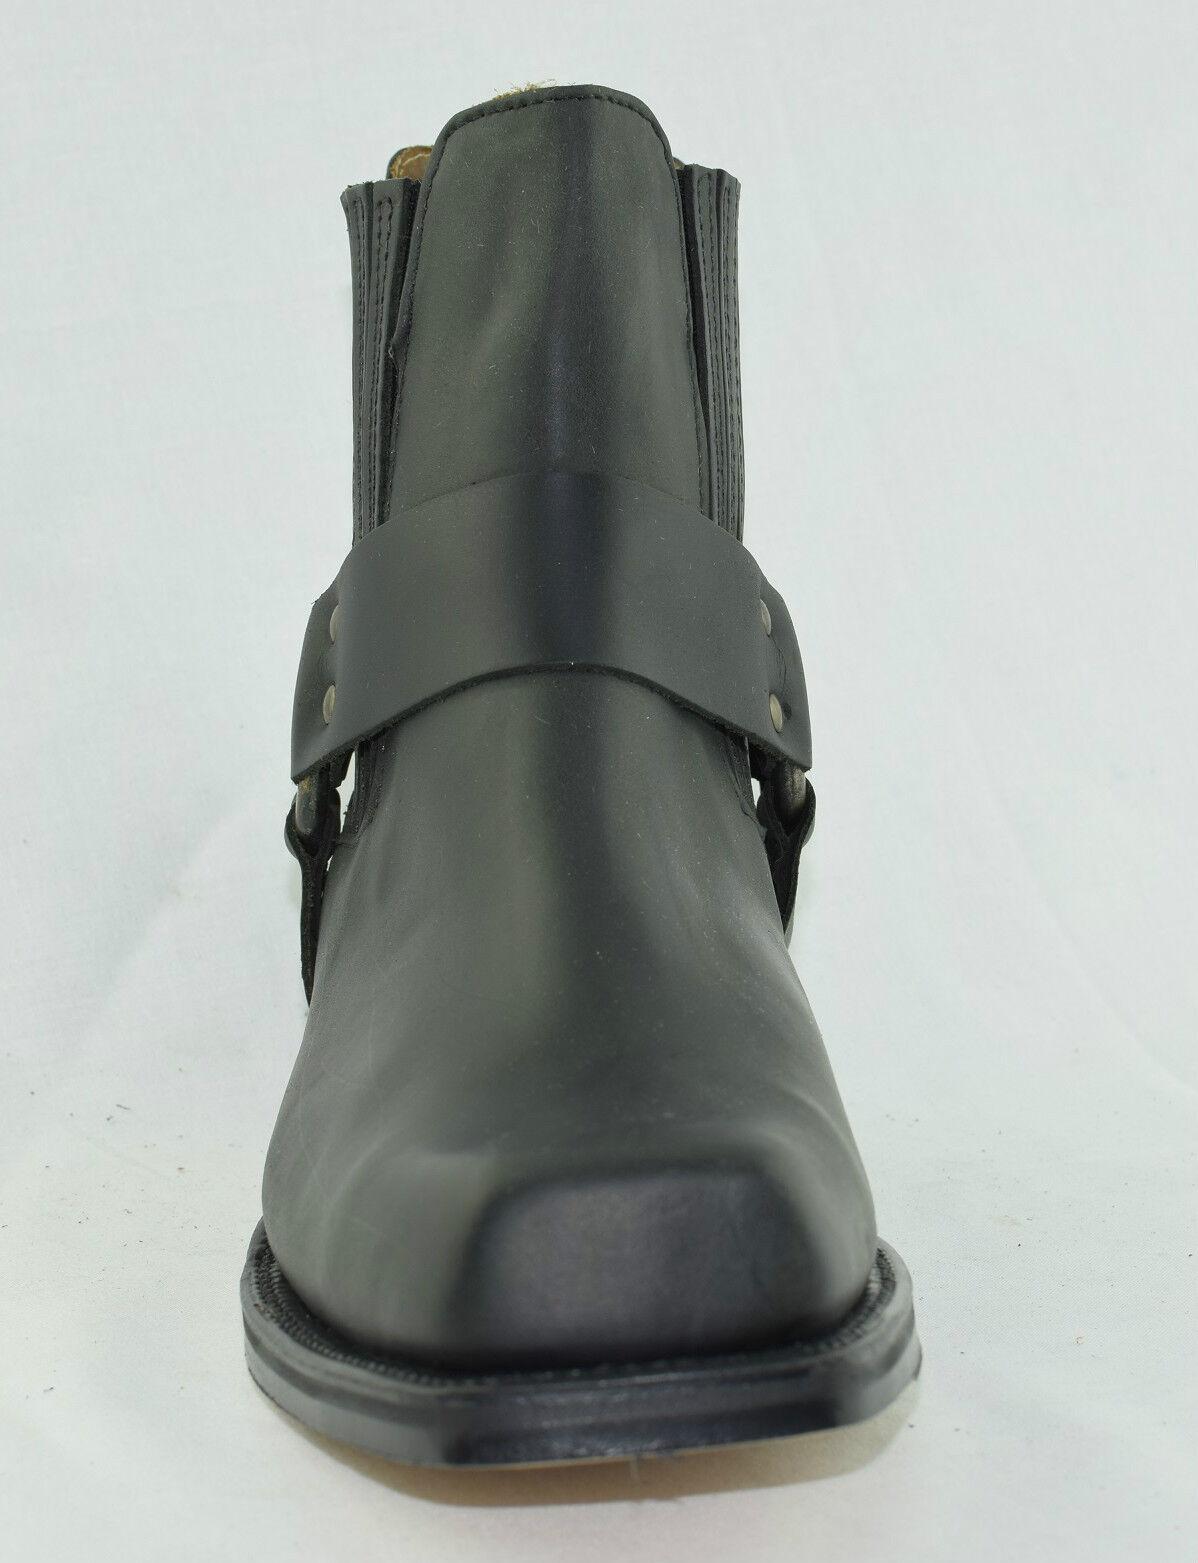 homme  femme de cuir noir loblan bottes de de de cow boy ex western square burin motards site officiel gv2776 chaussures pointues une délicate | Luxuriante Dans La Conception  a21b1d